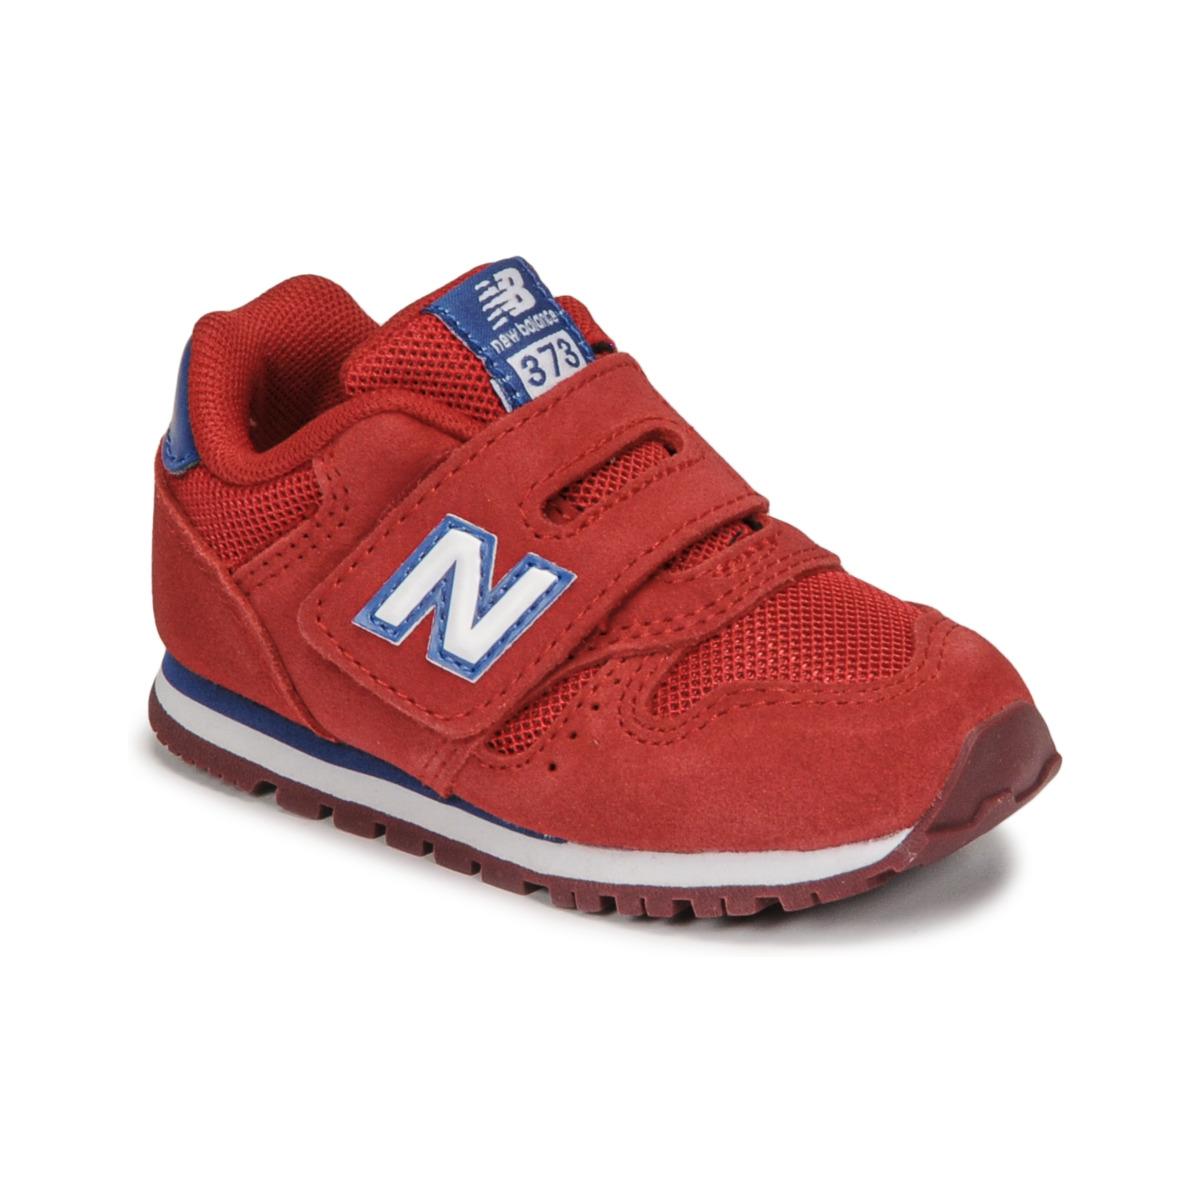 New Balance 373 Bambino 18751300 Consegna Gratuita